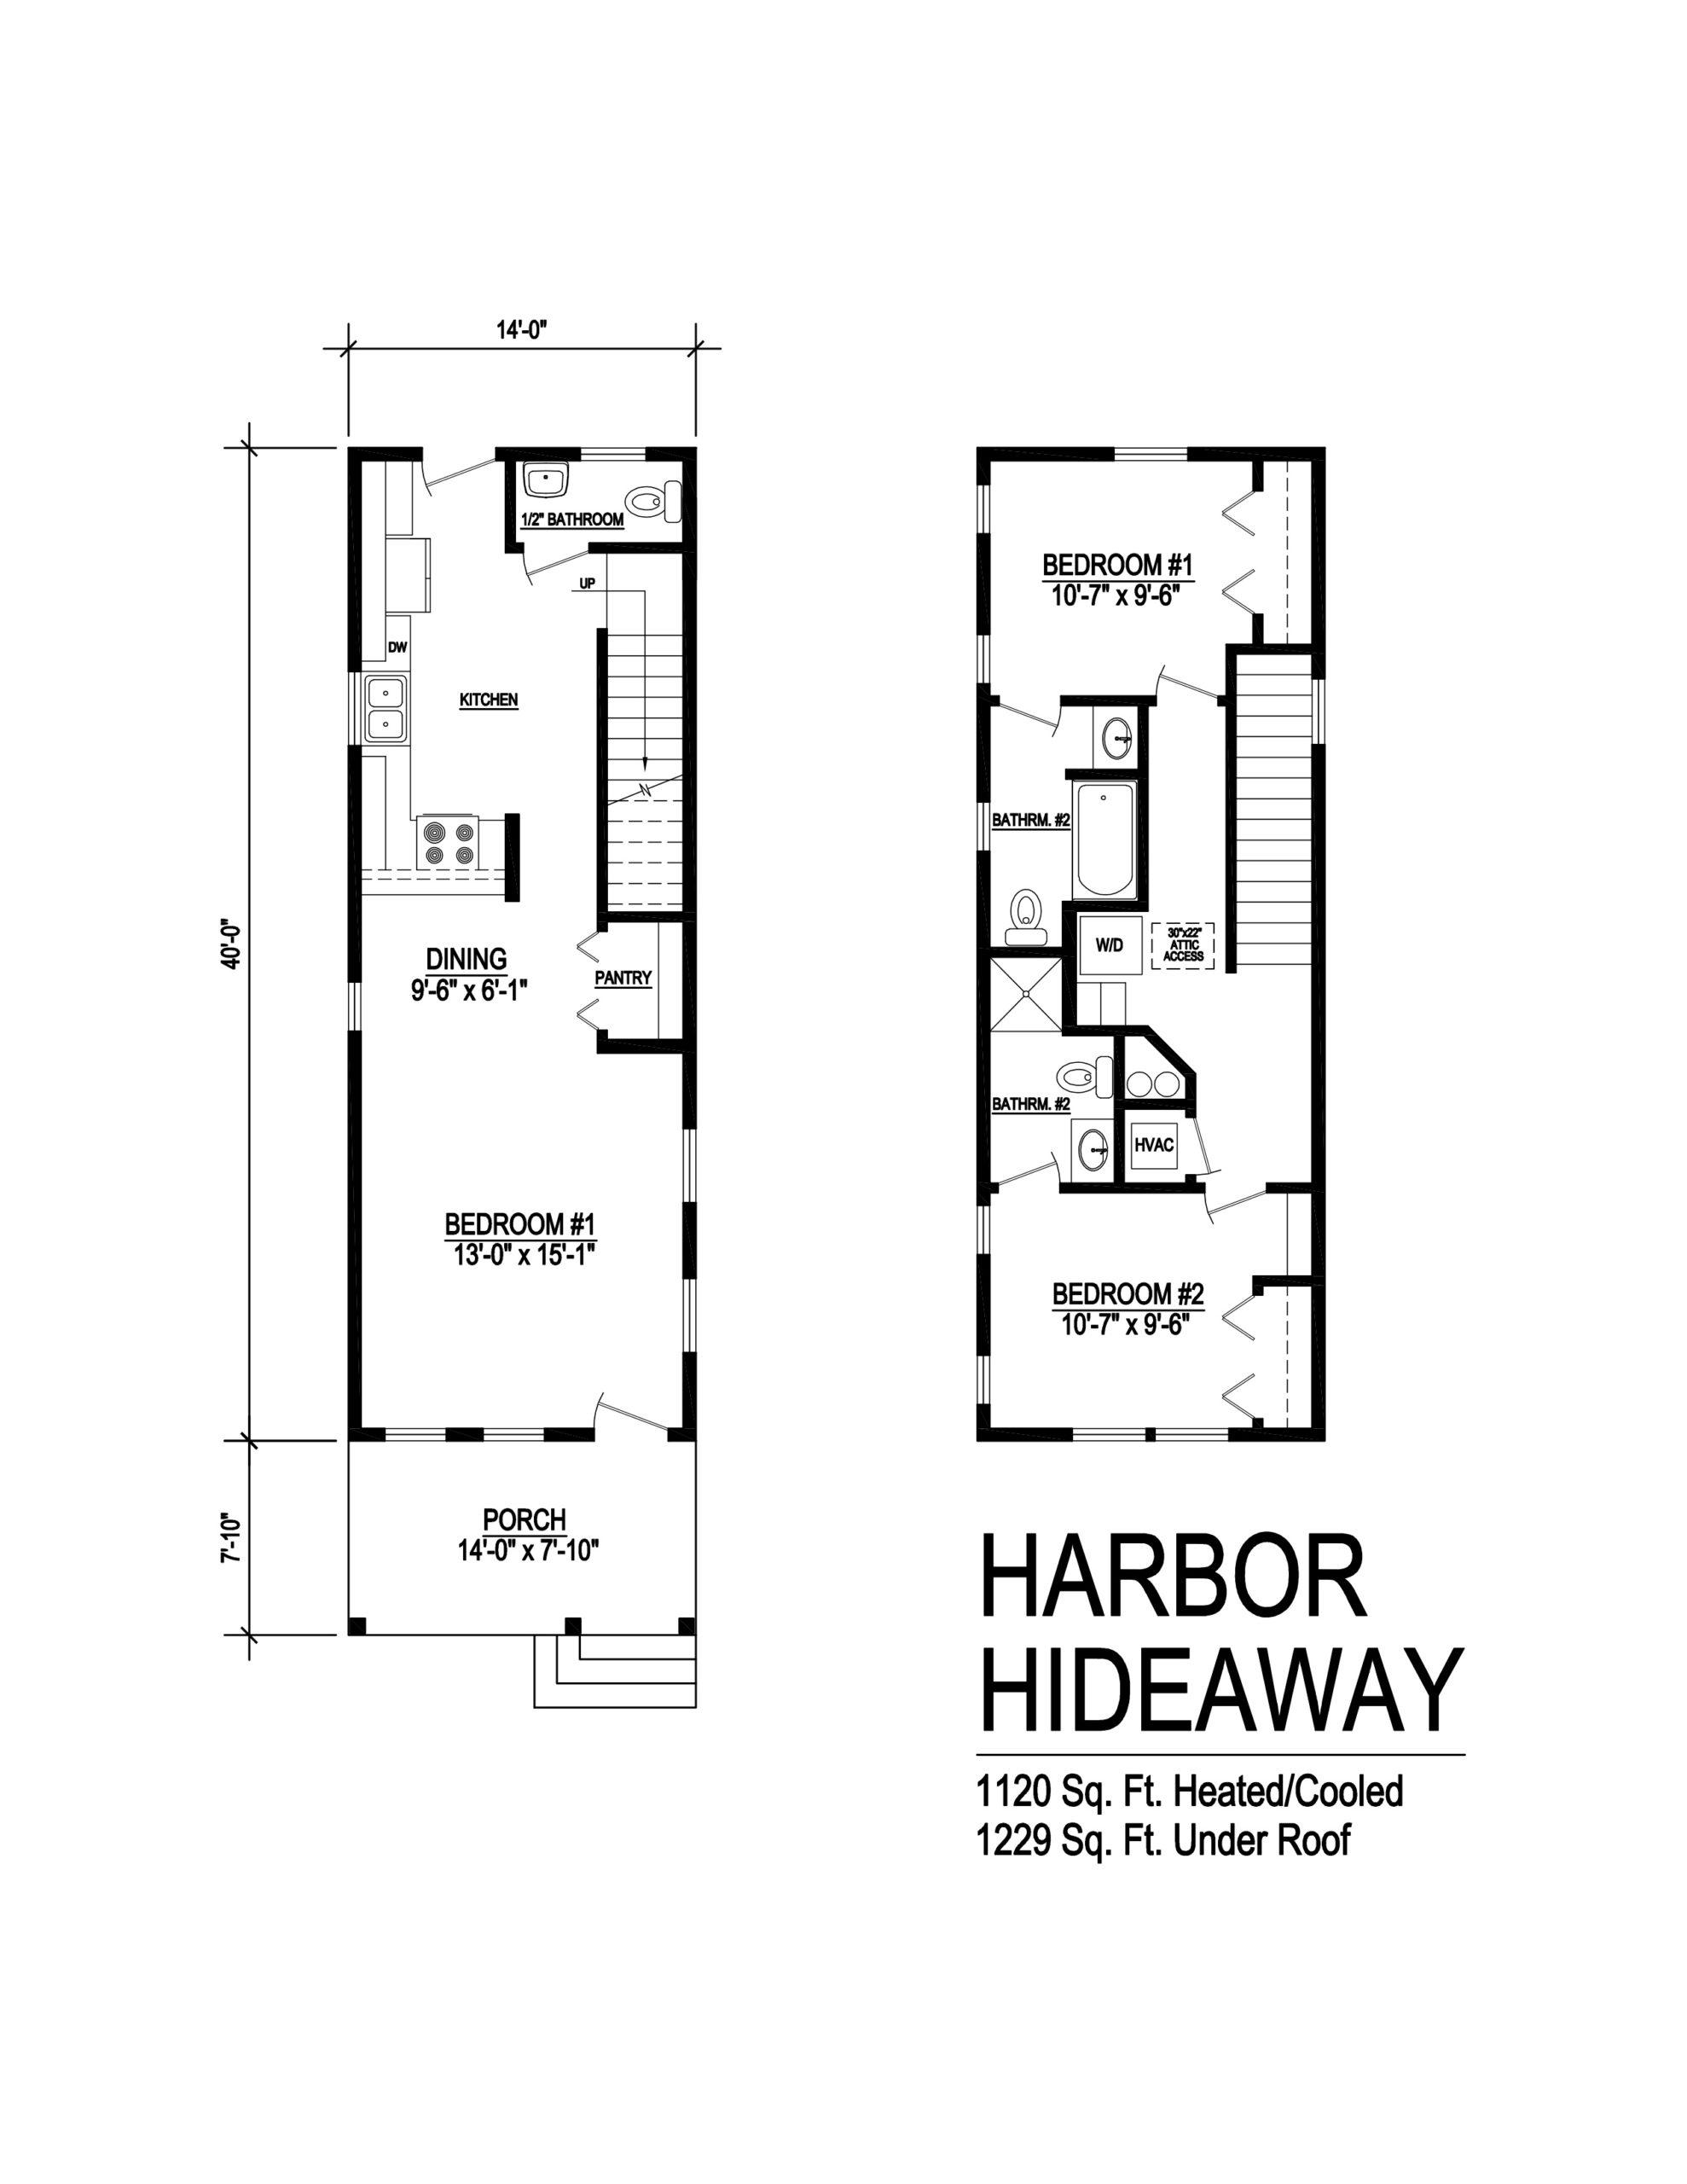 harbor hideaway modular home floor plan